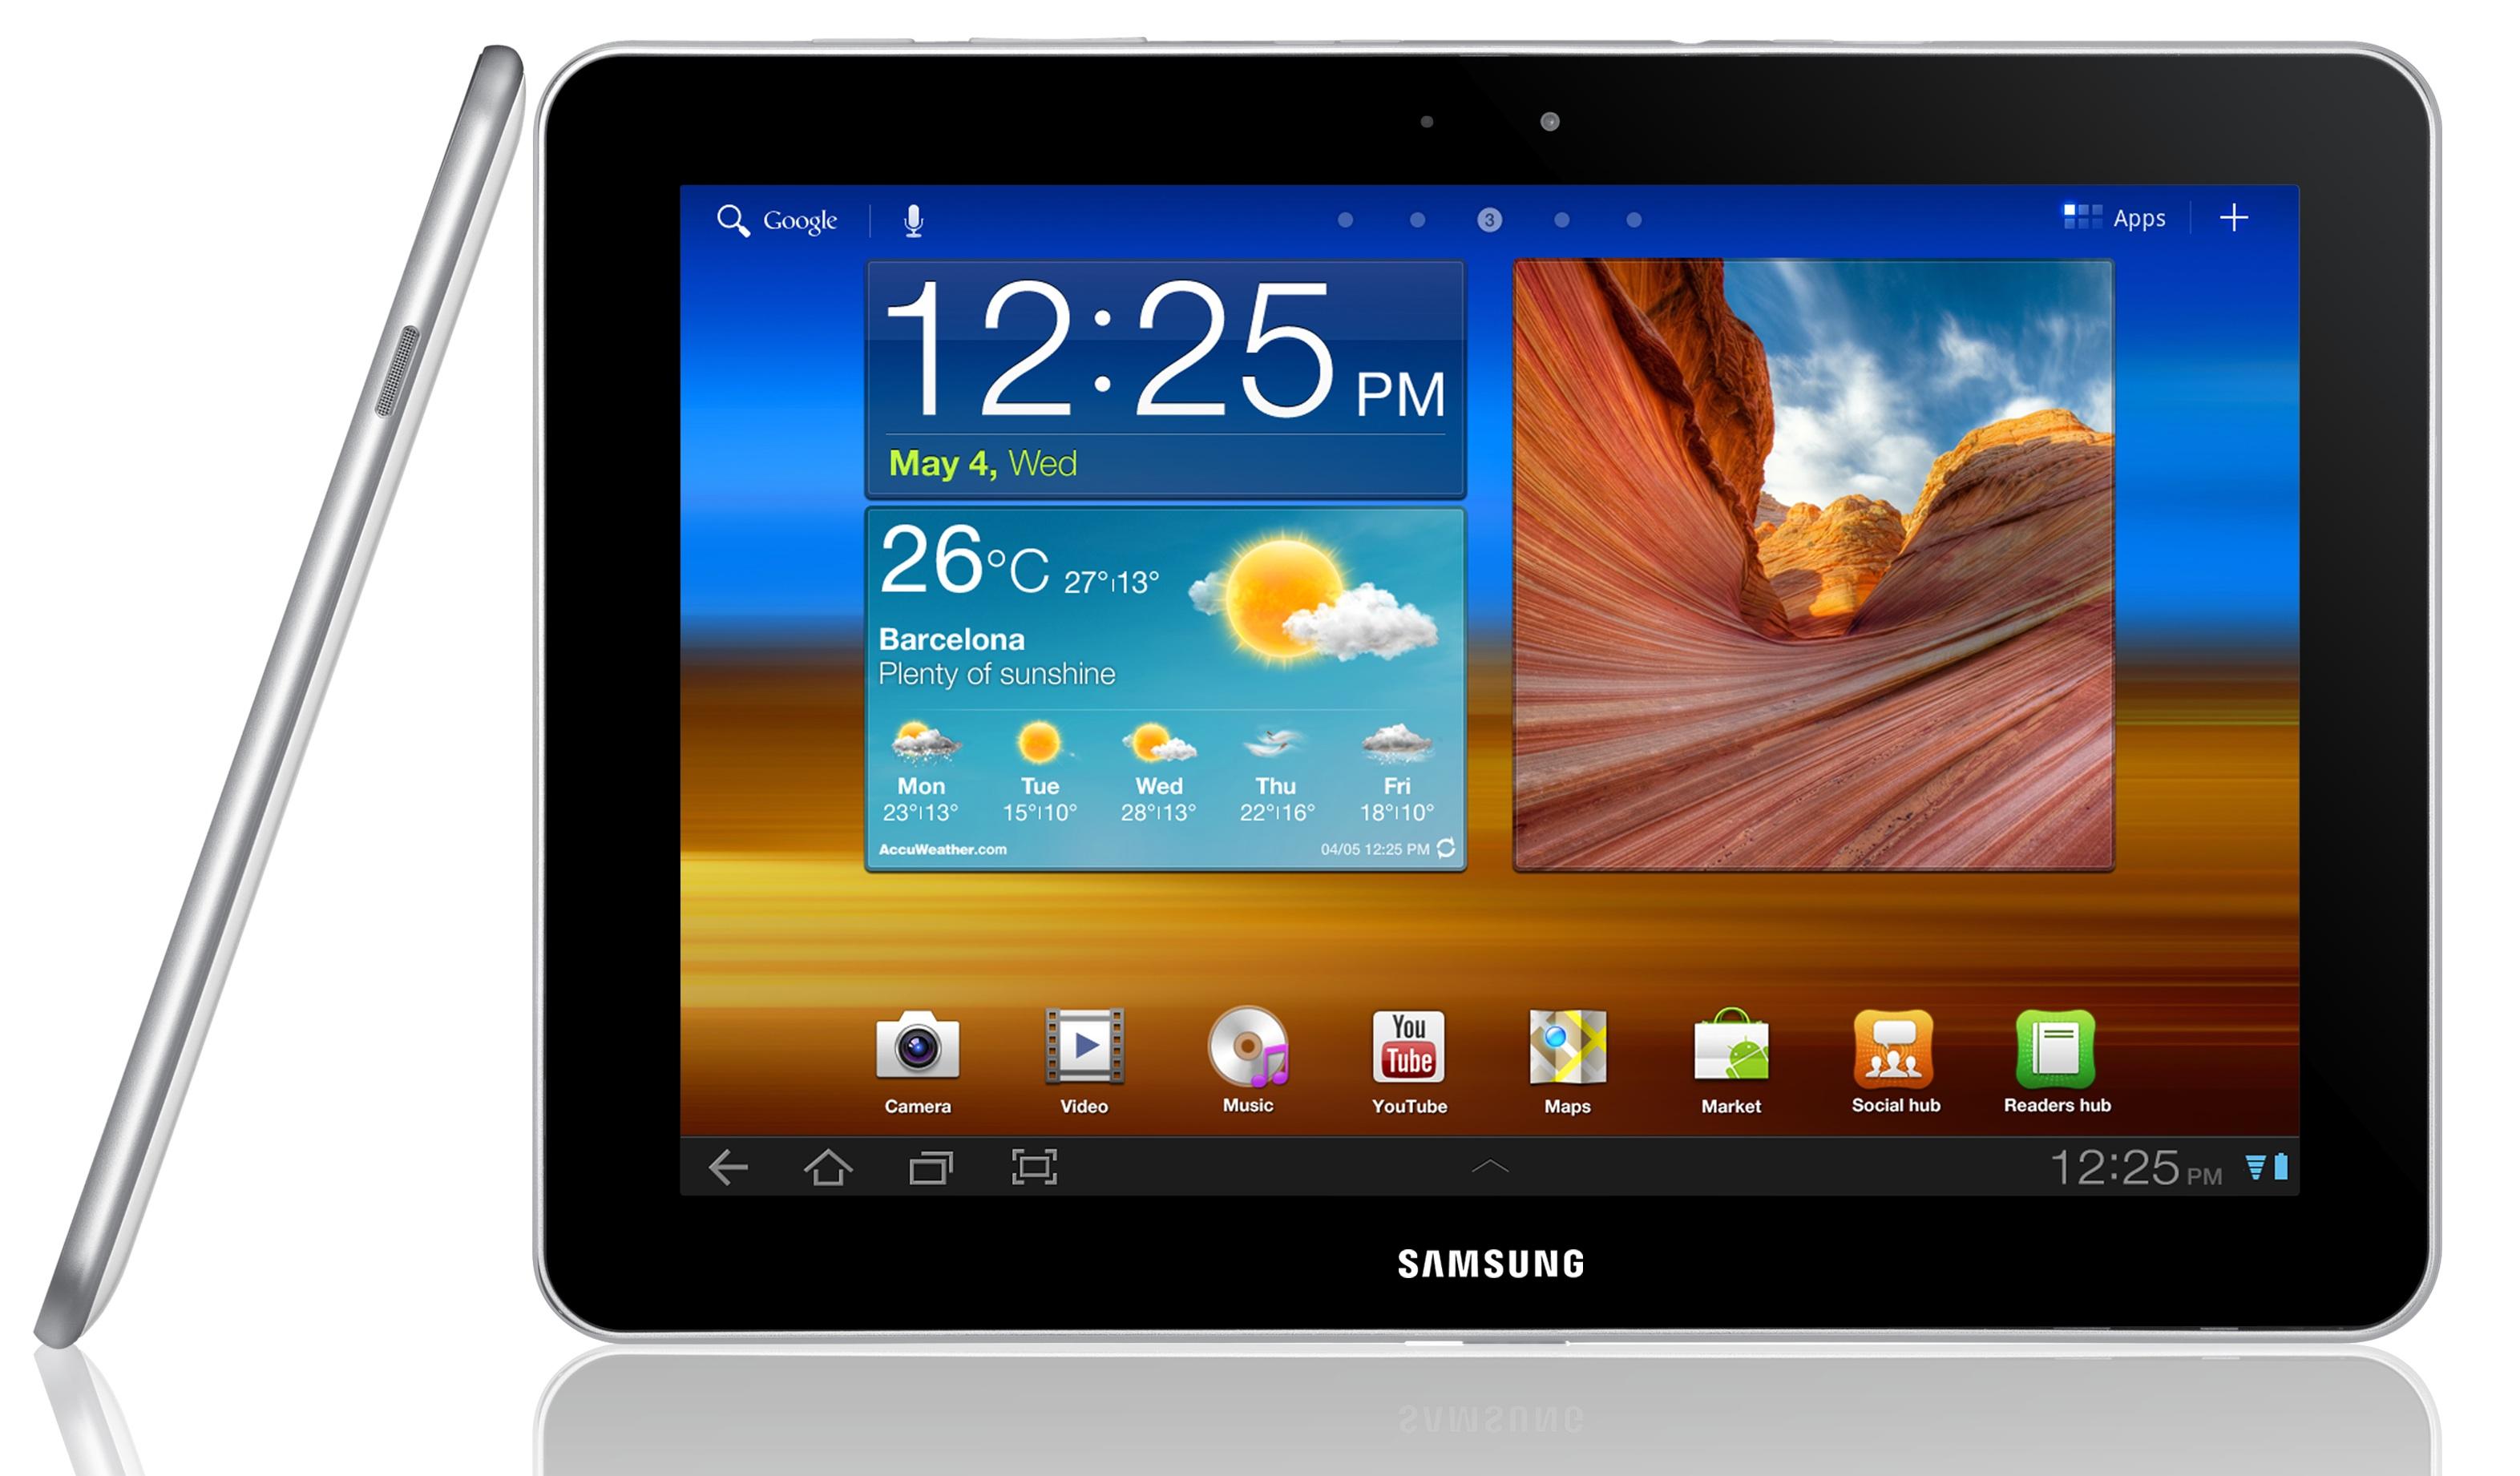 Samsung-Galaxy-Tab-101-2